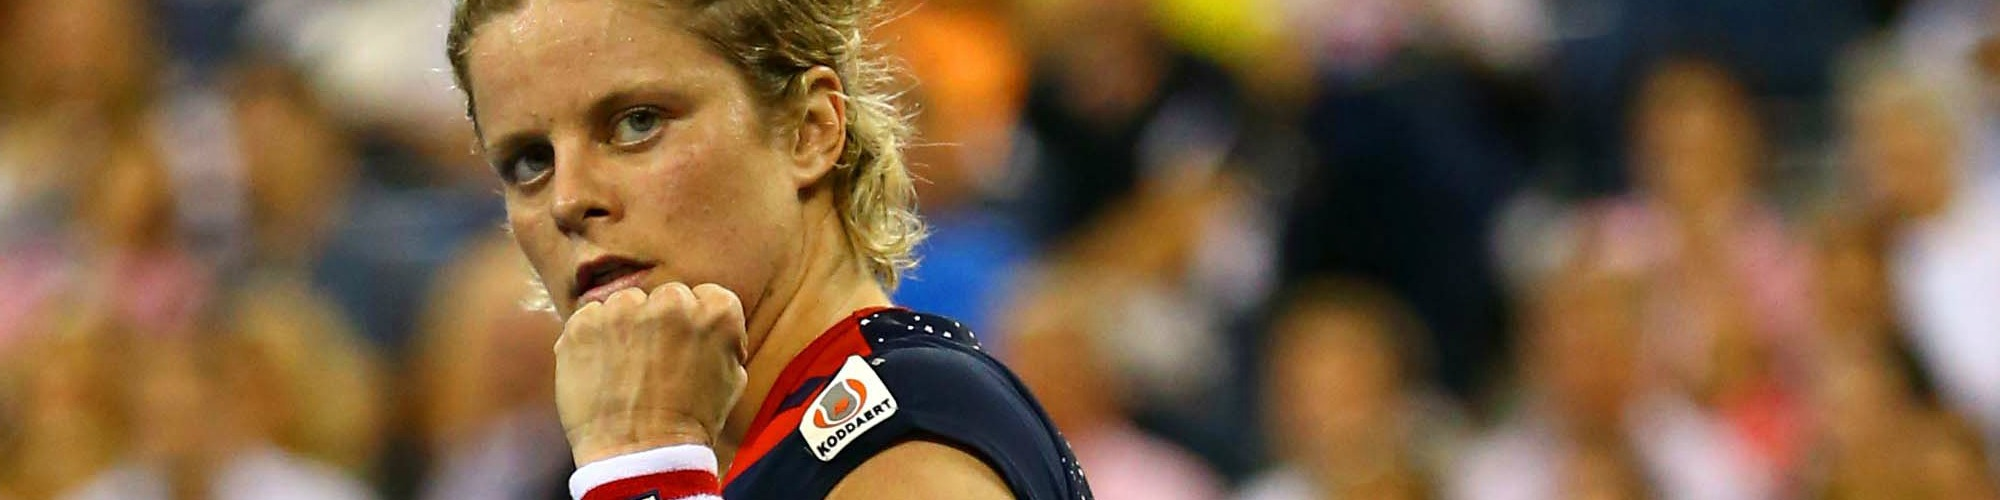 Clijsters header